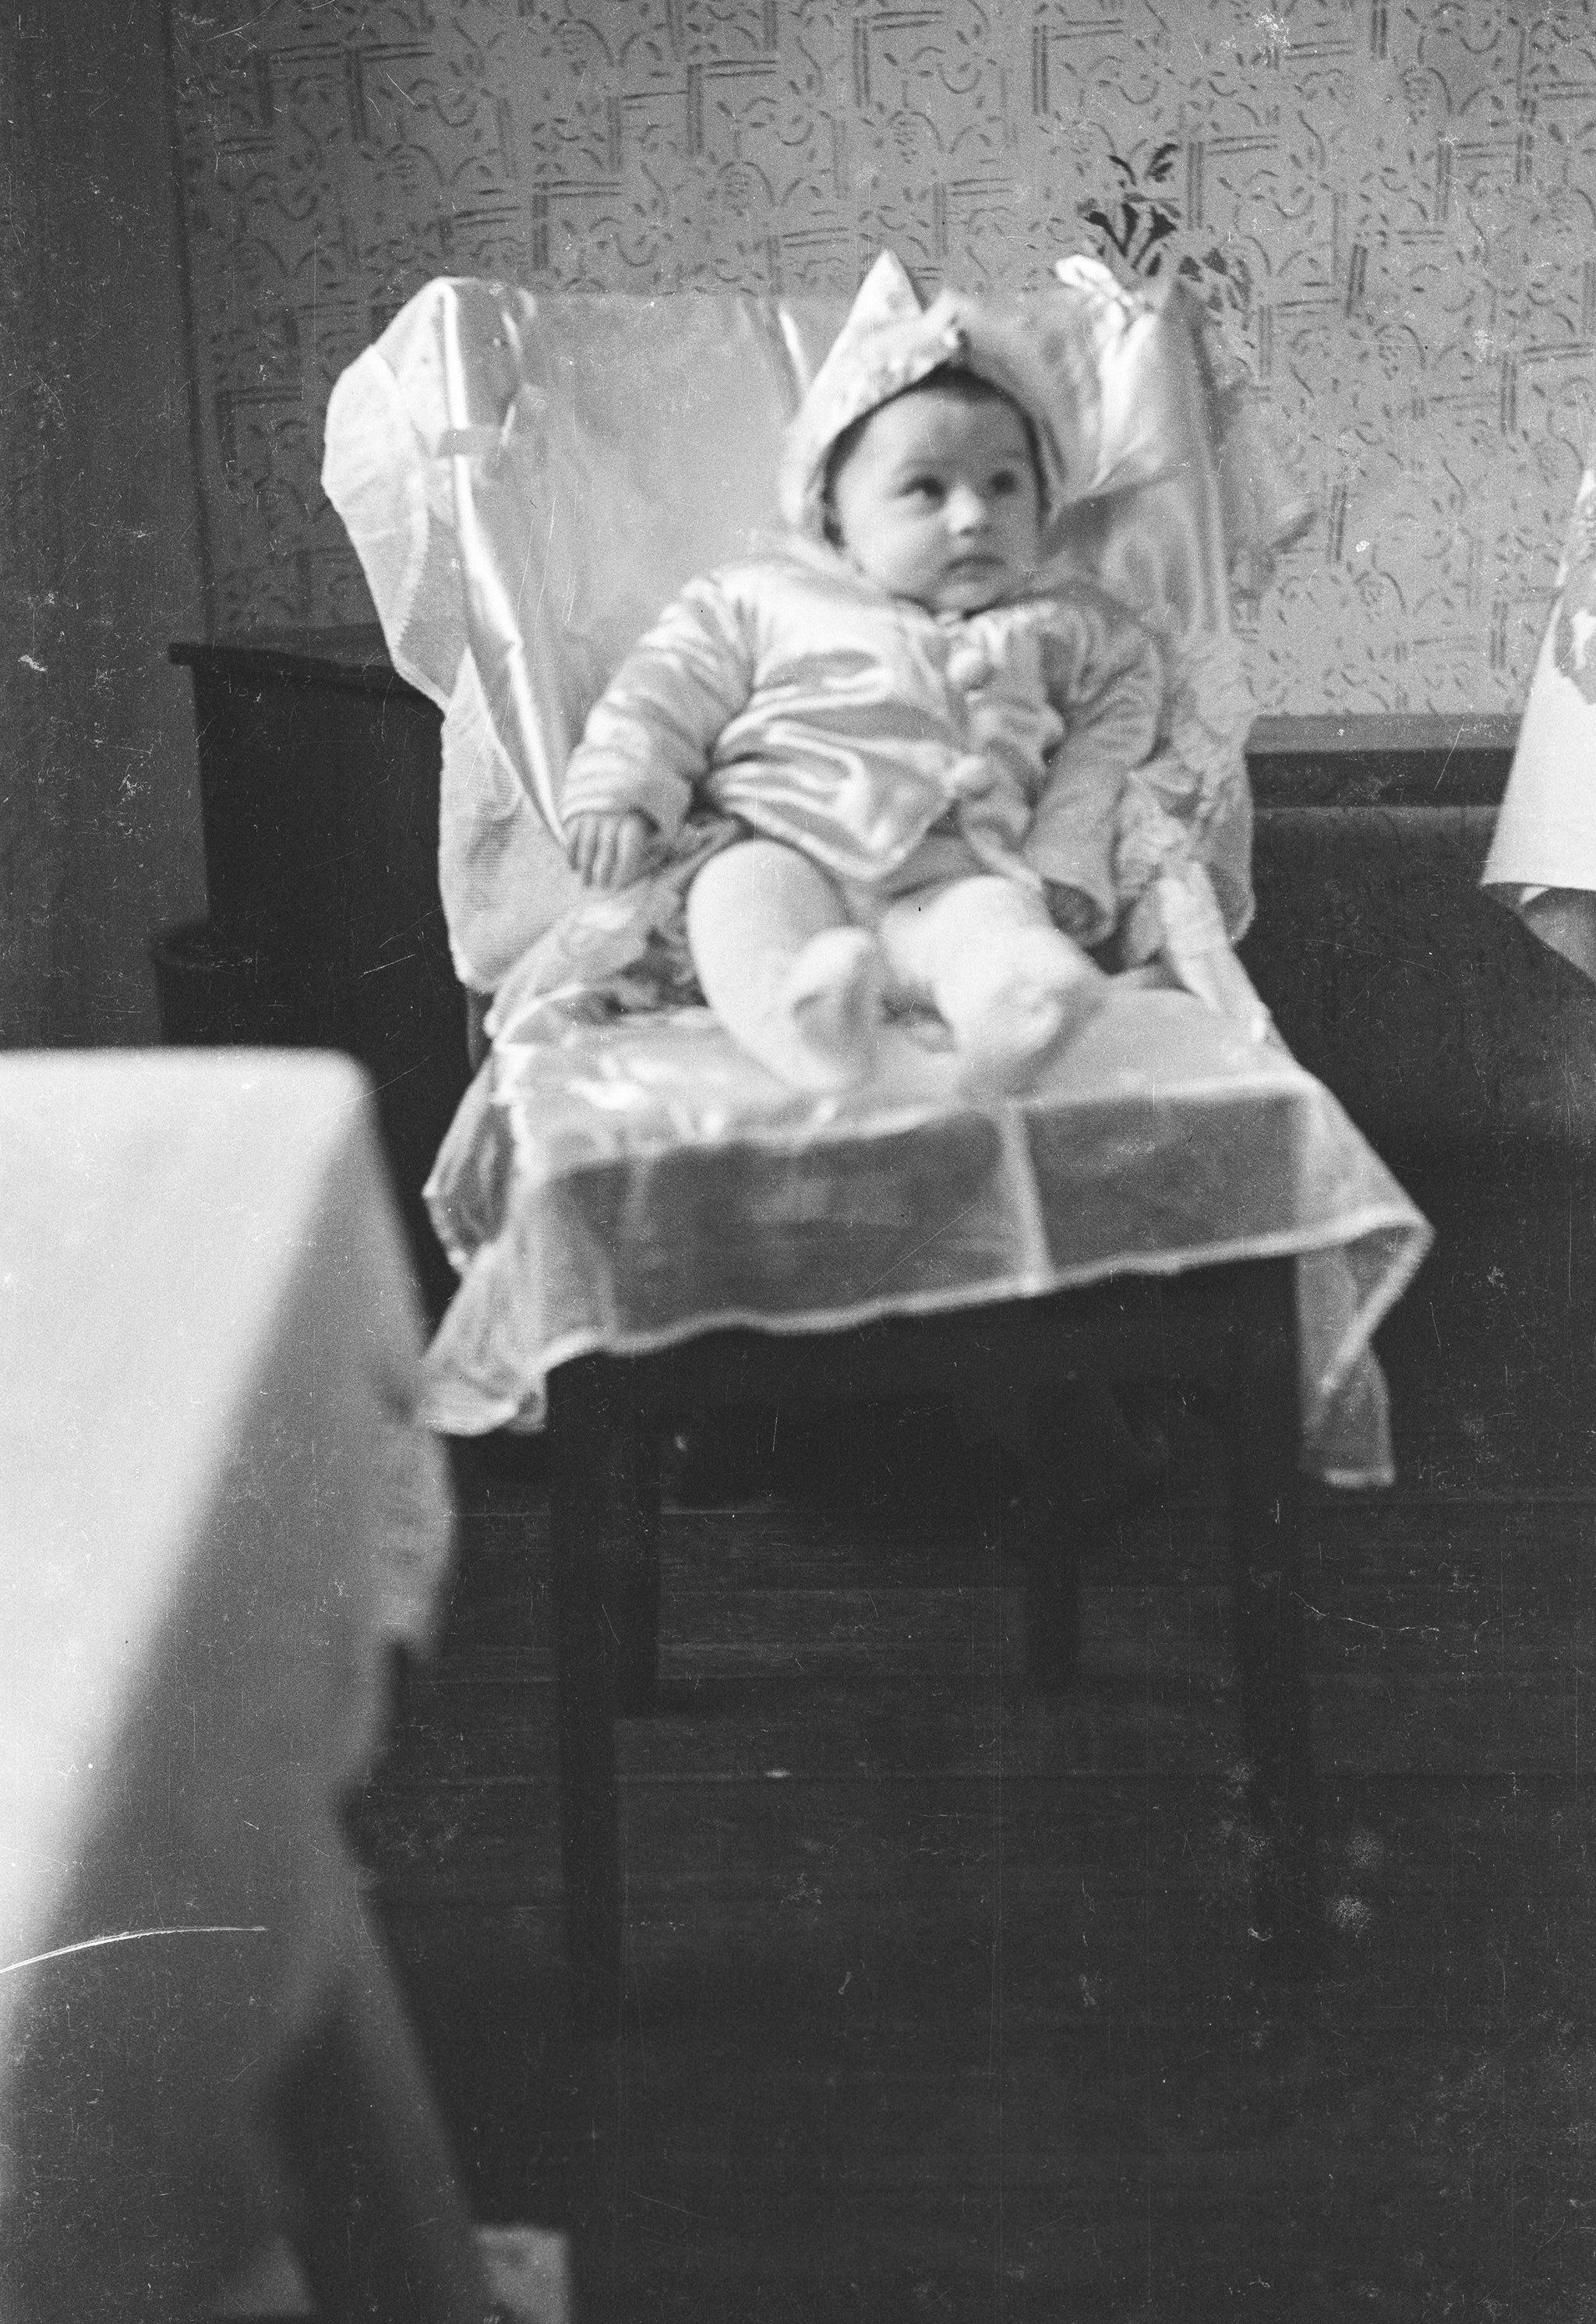 Małe dziecko na krześle, Rudawa, Dolny Śląsk, lata 50. XX w.